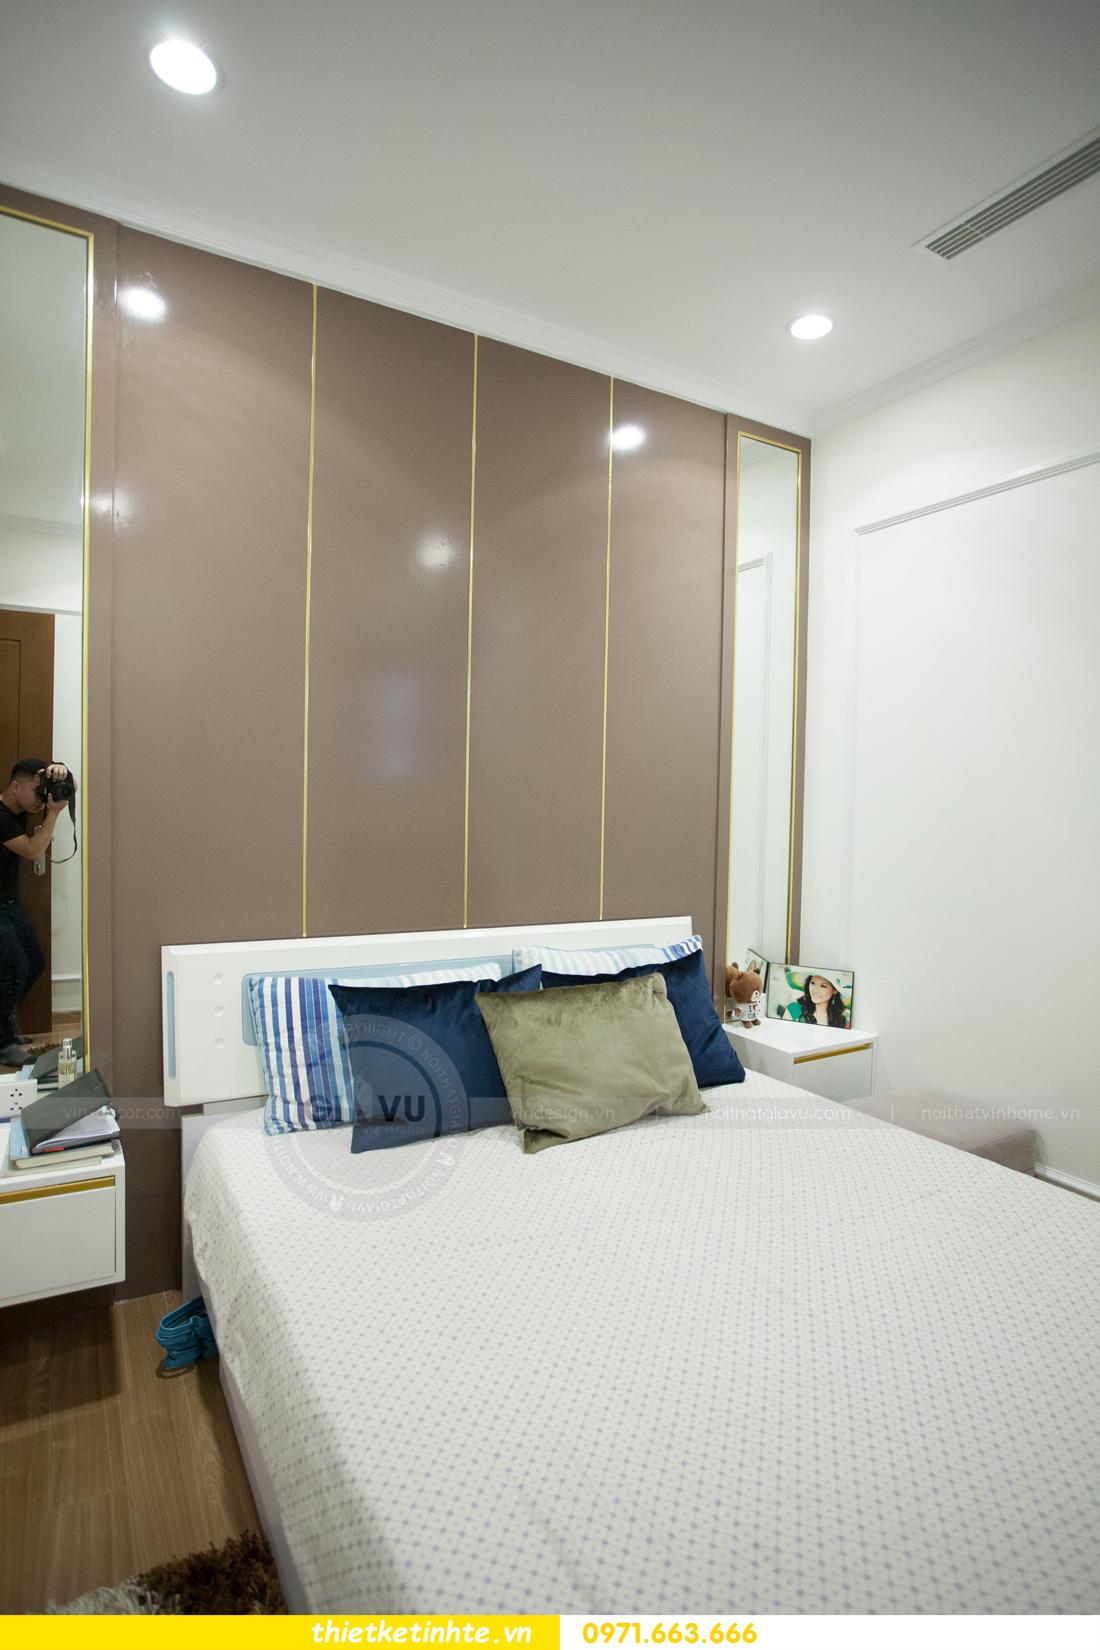 hoàn thiện nội thất chung cư Park Hill căn 2 phòng ngủ 16